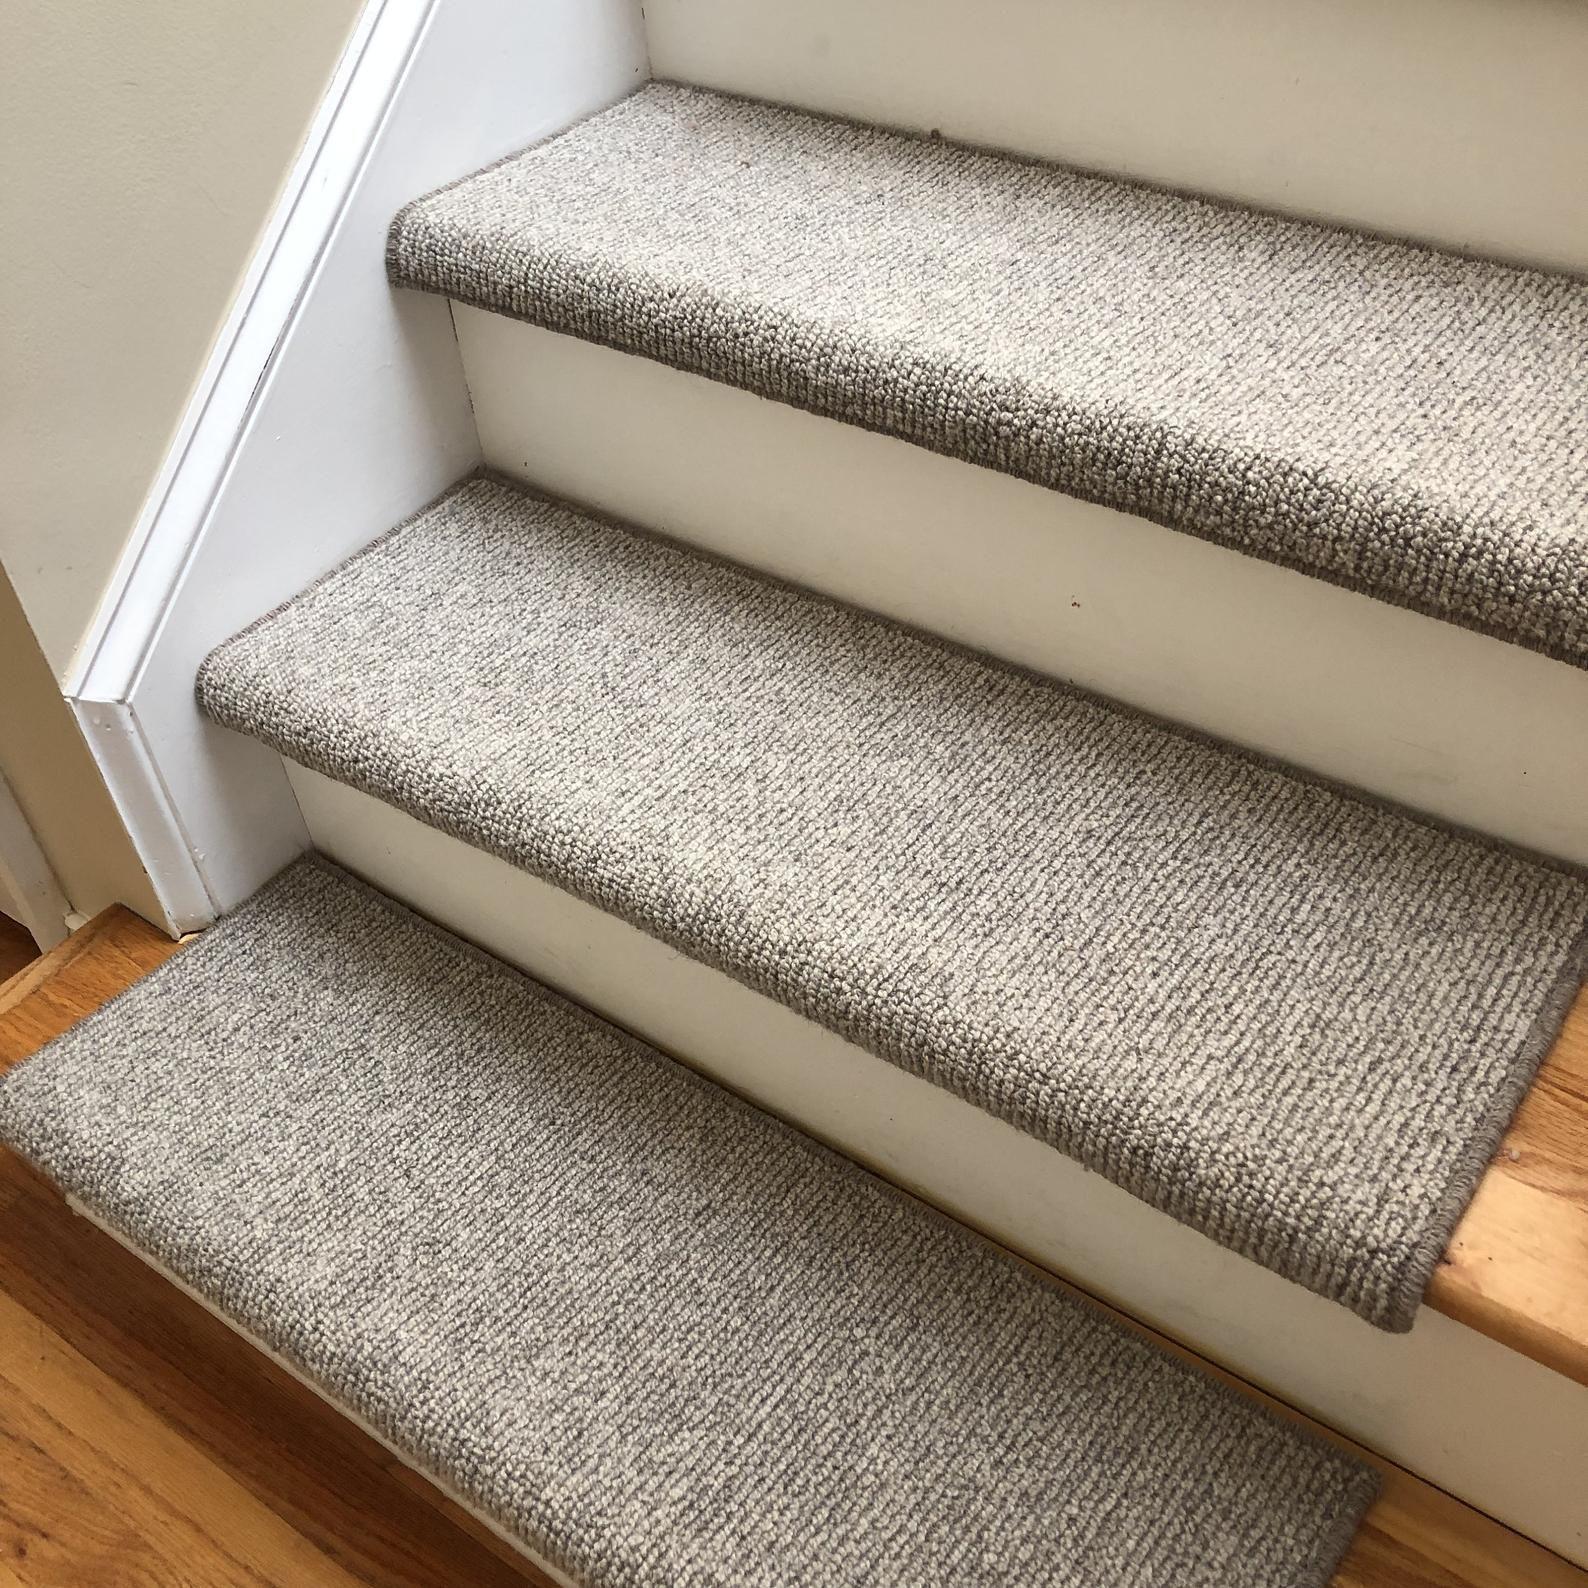 Big Sky 100 Wool True Bullnose™ Padded Carpet Stair Tread Jmish   Cheap Carpet Stair Treads   True Bullnose   Hallway Carpet   Carpet Runners   Slip Resistant   Bullnose Carpet